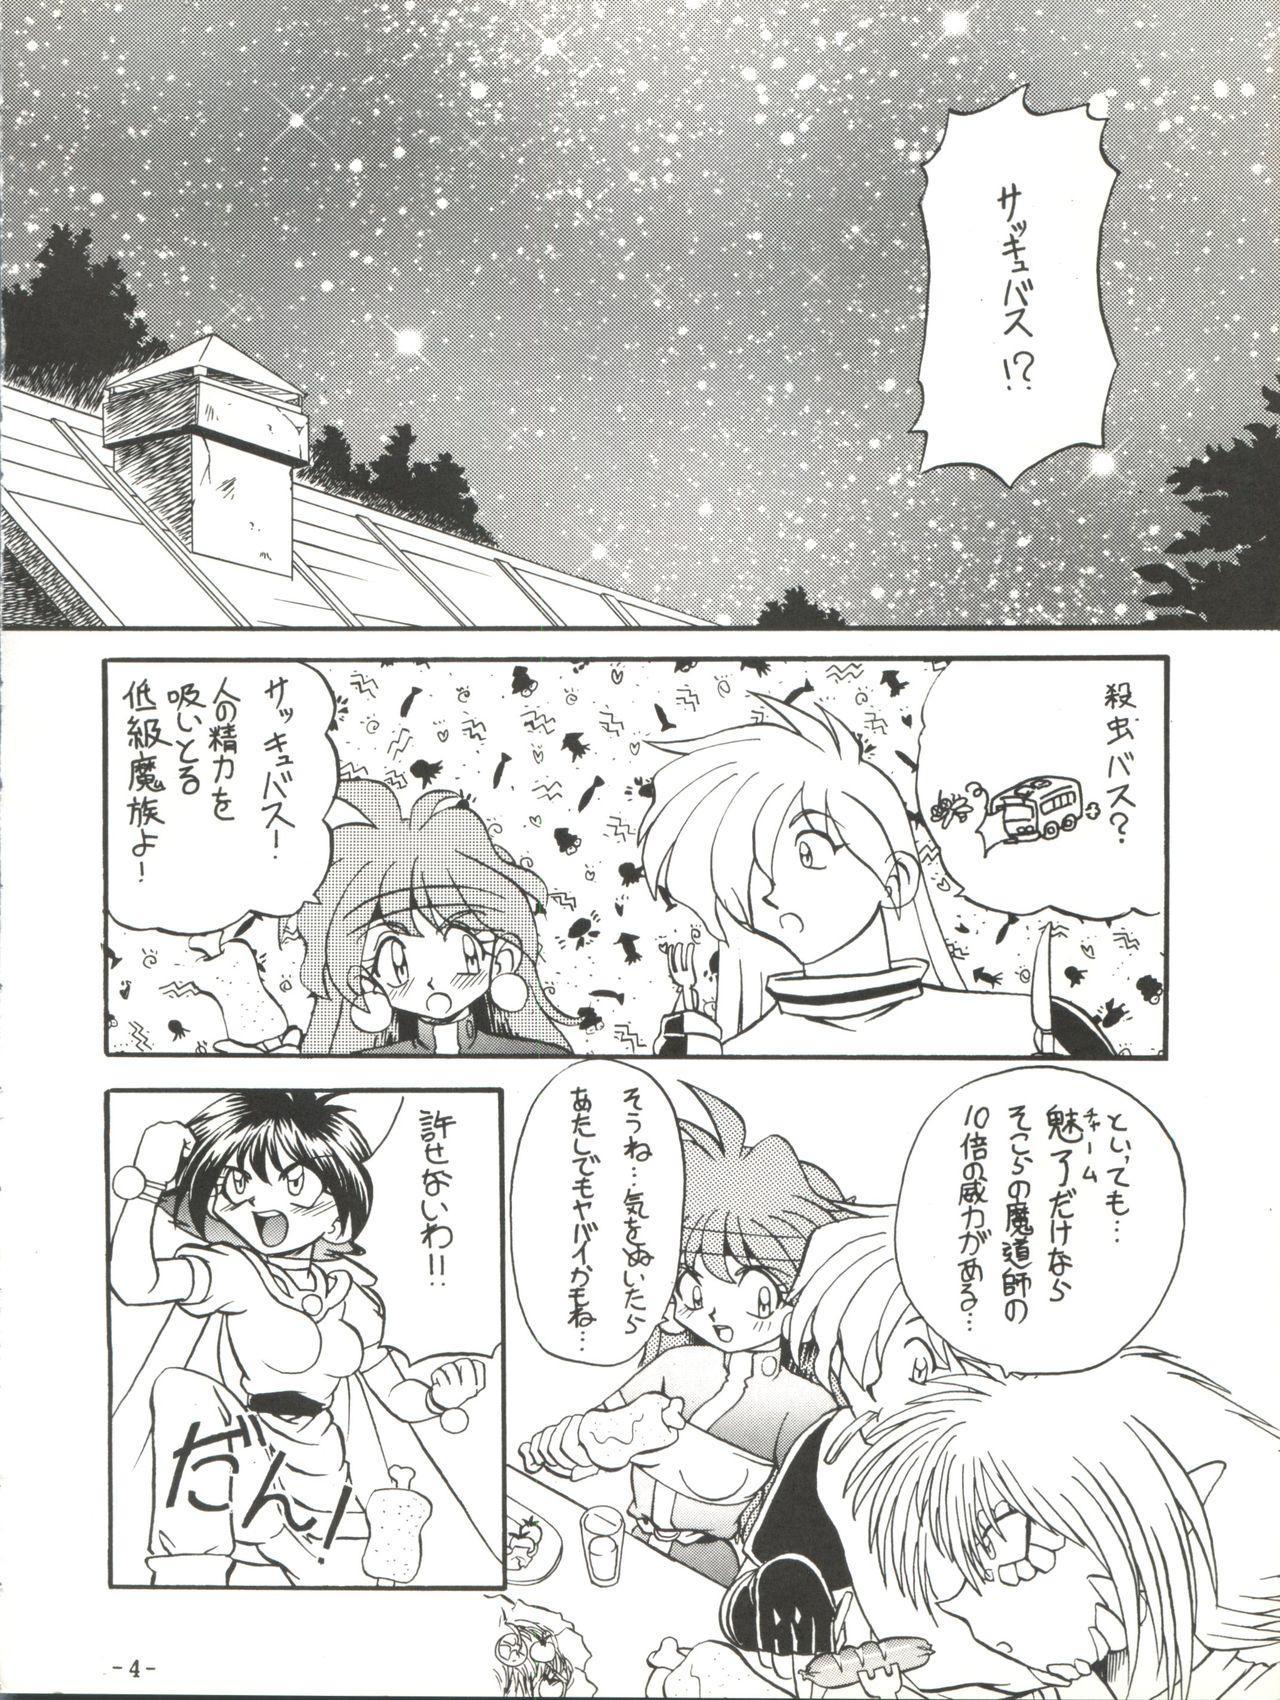 BTB-19.3 Kyou no Ohiru wa Naani 5